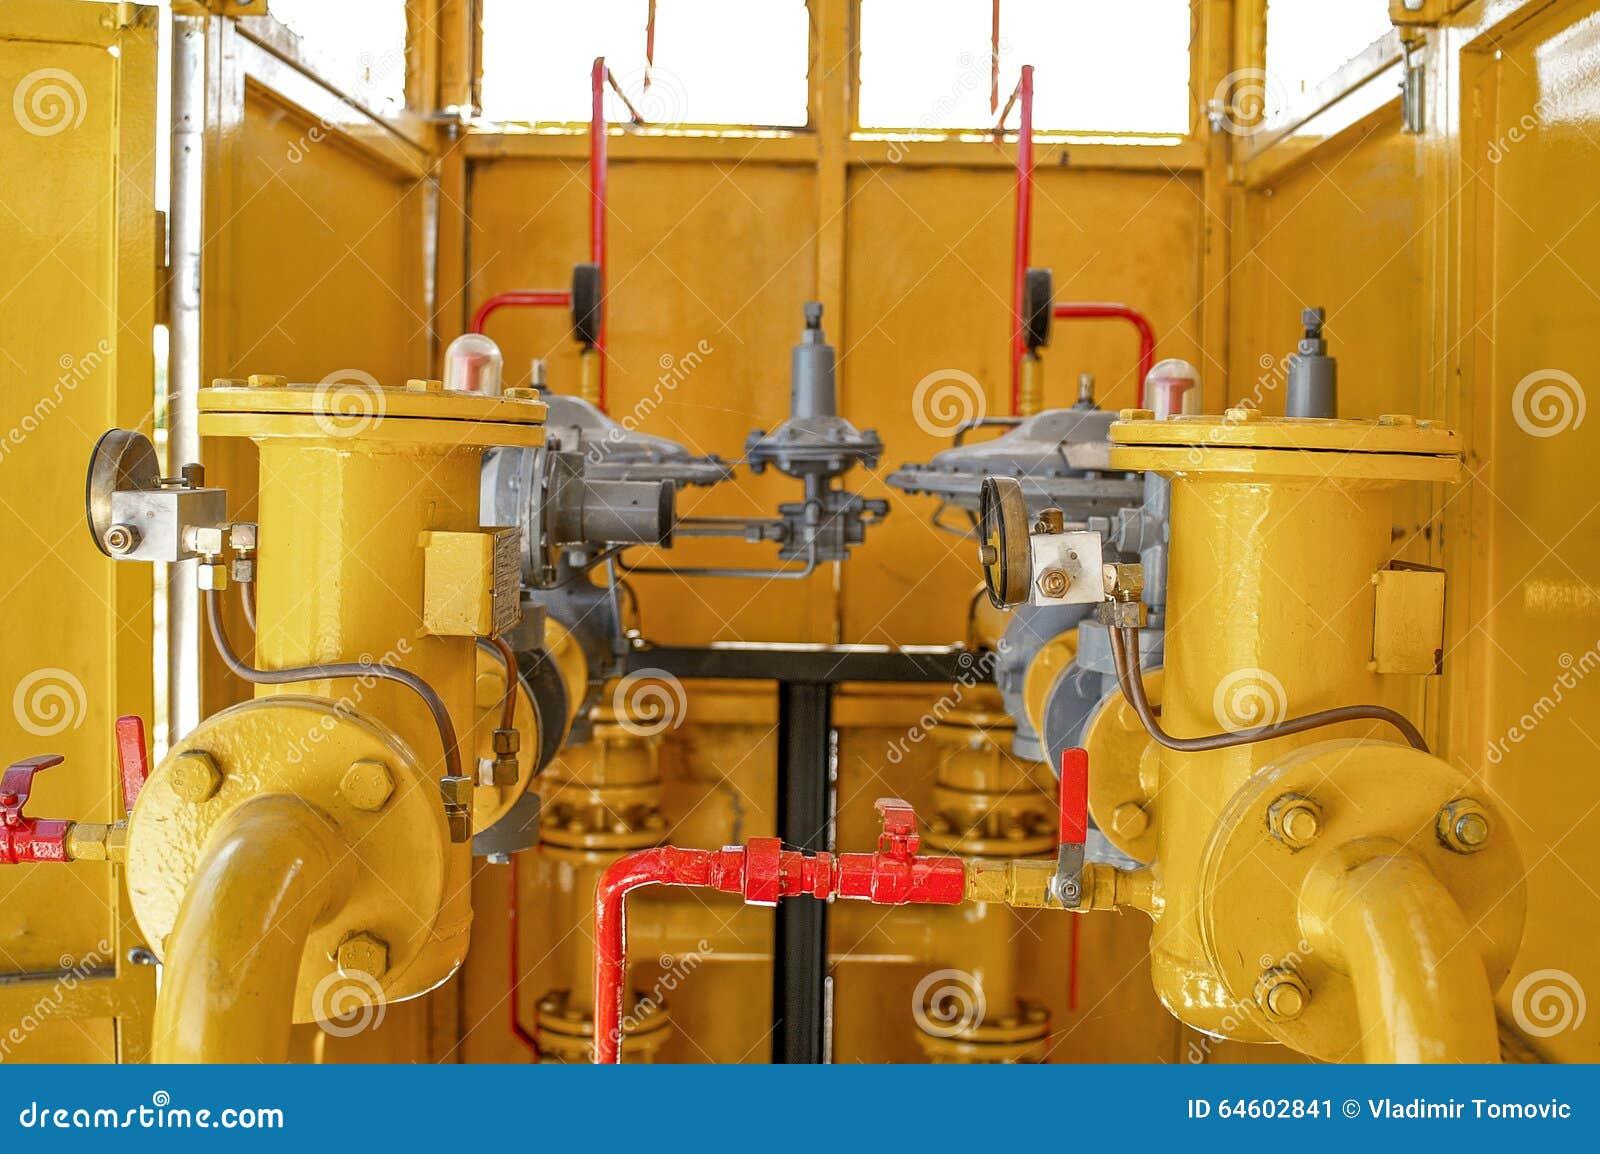 Systèmes sifflants, équipement industriel, intérieur - équipement de tuyau de station service